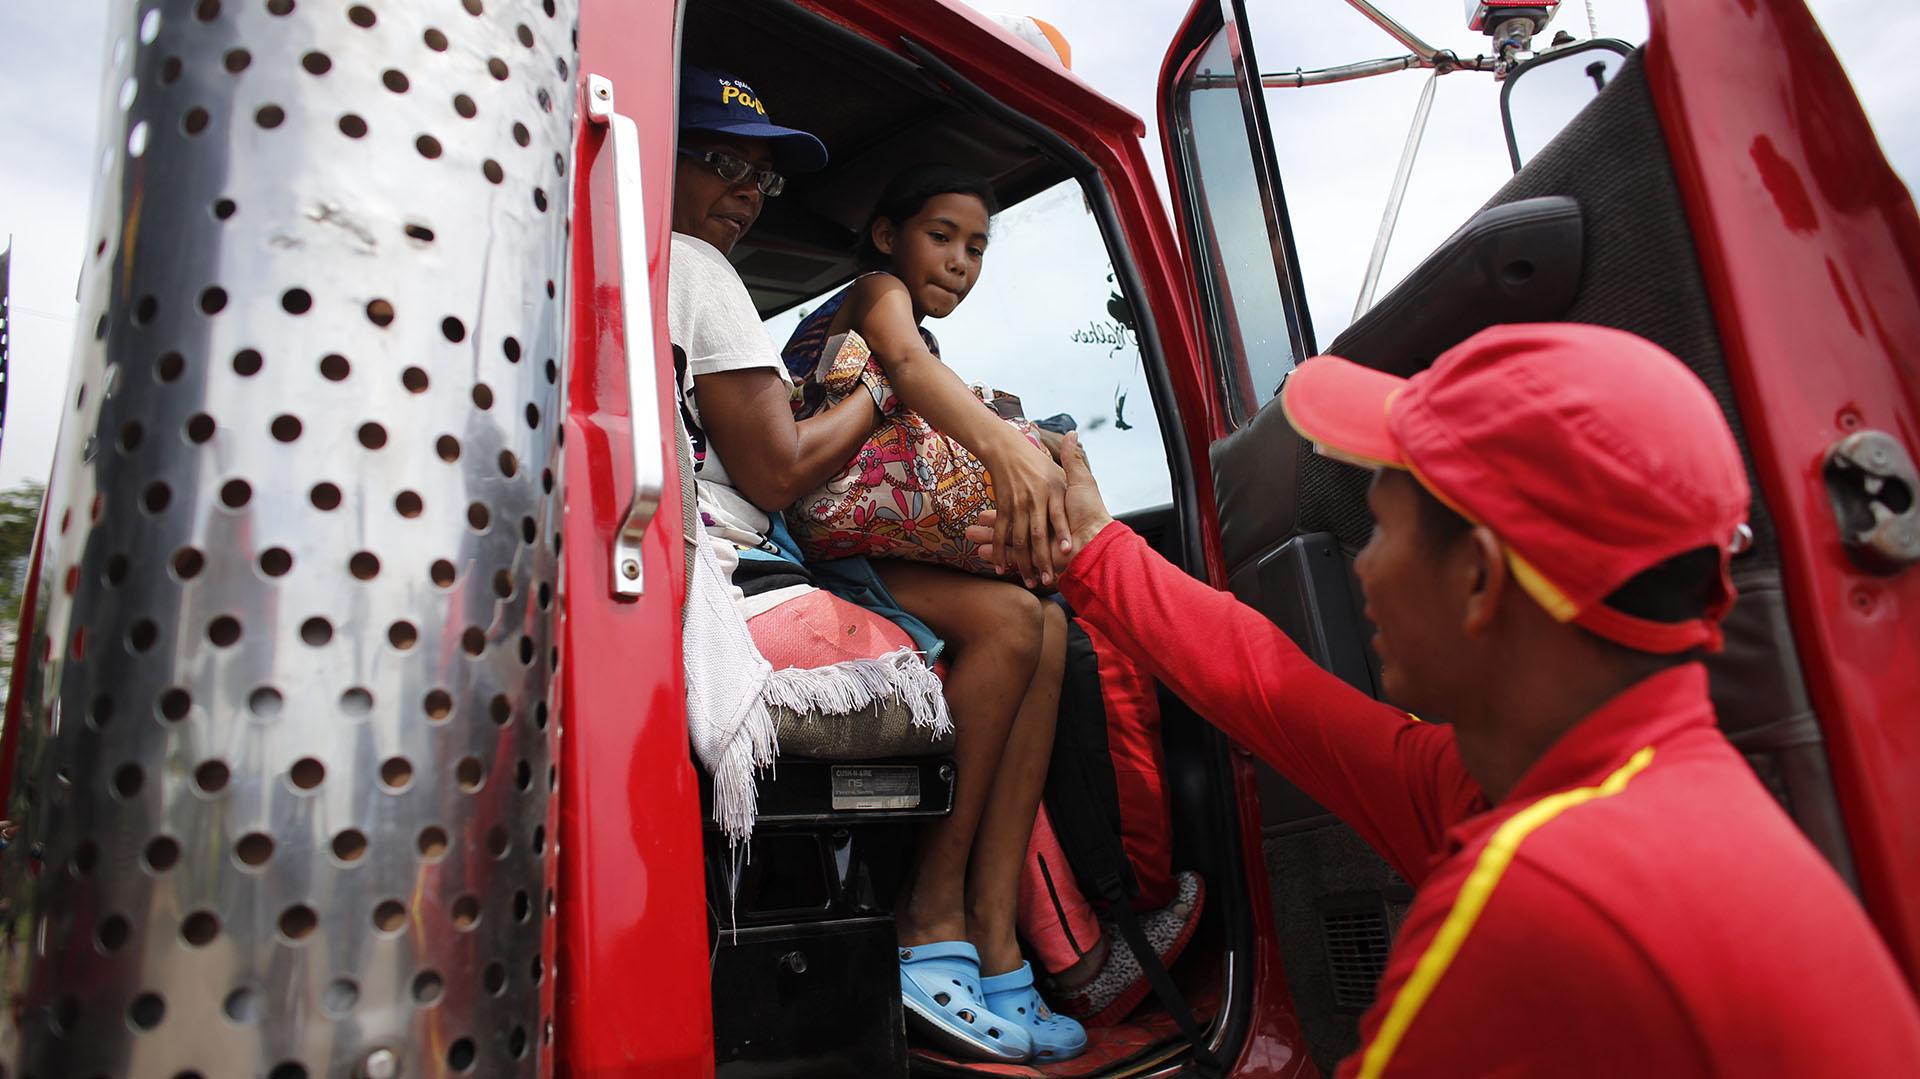 Mucho venezolanos intentan recibir aventones, pero pocos colombianos paran por los rumores de migrantes violentos (AP Photo/Ariana Cubillos)